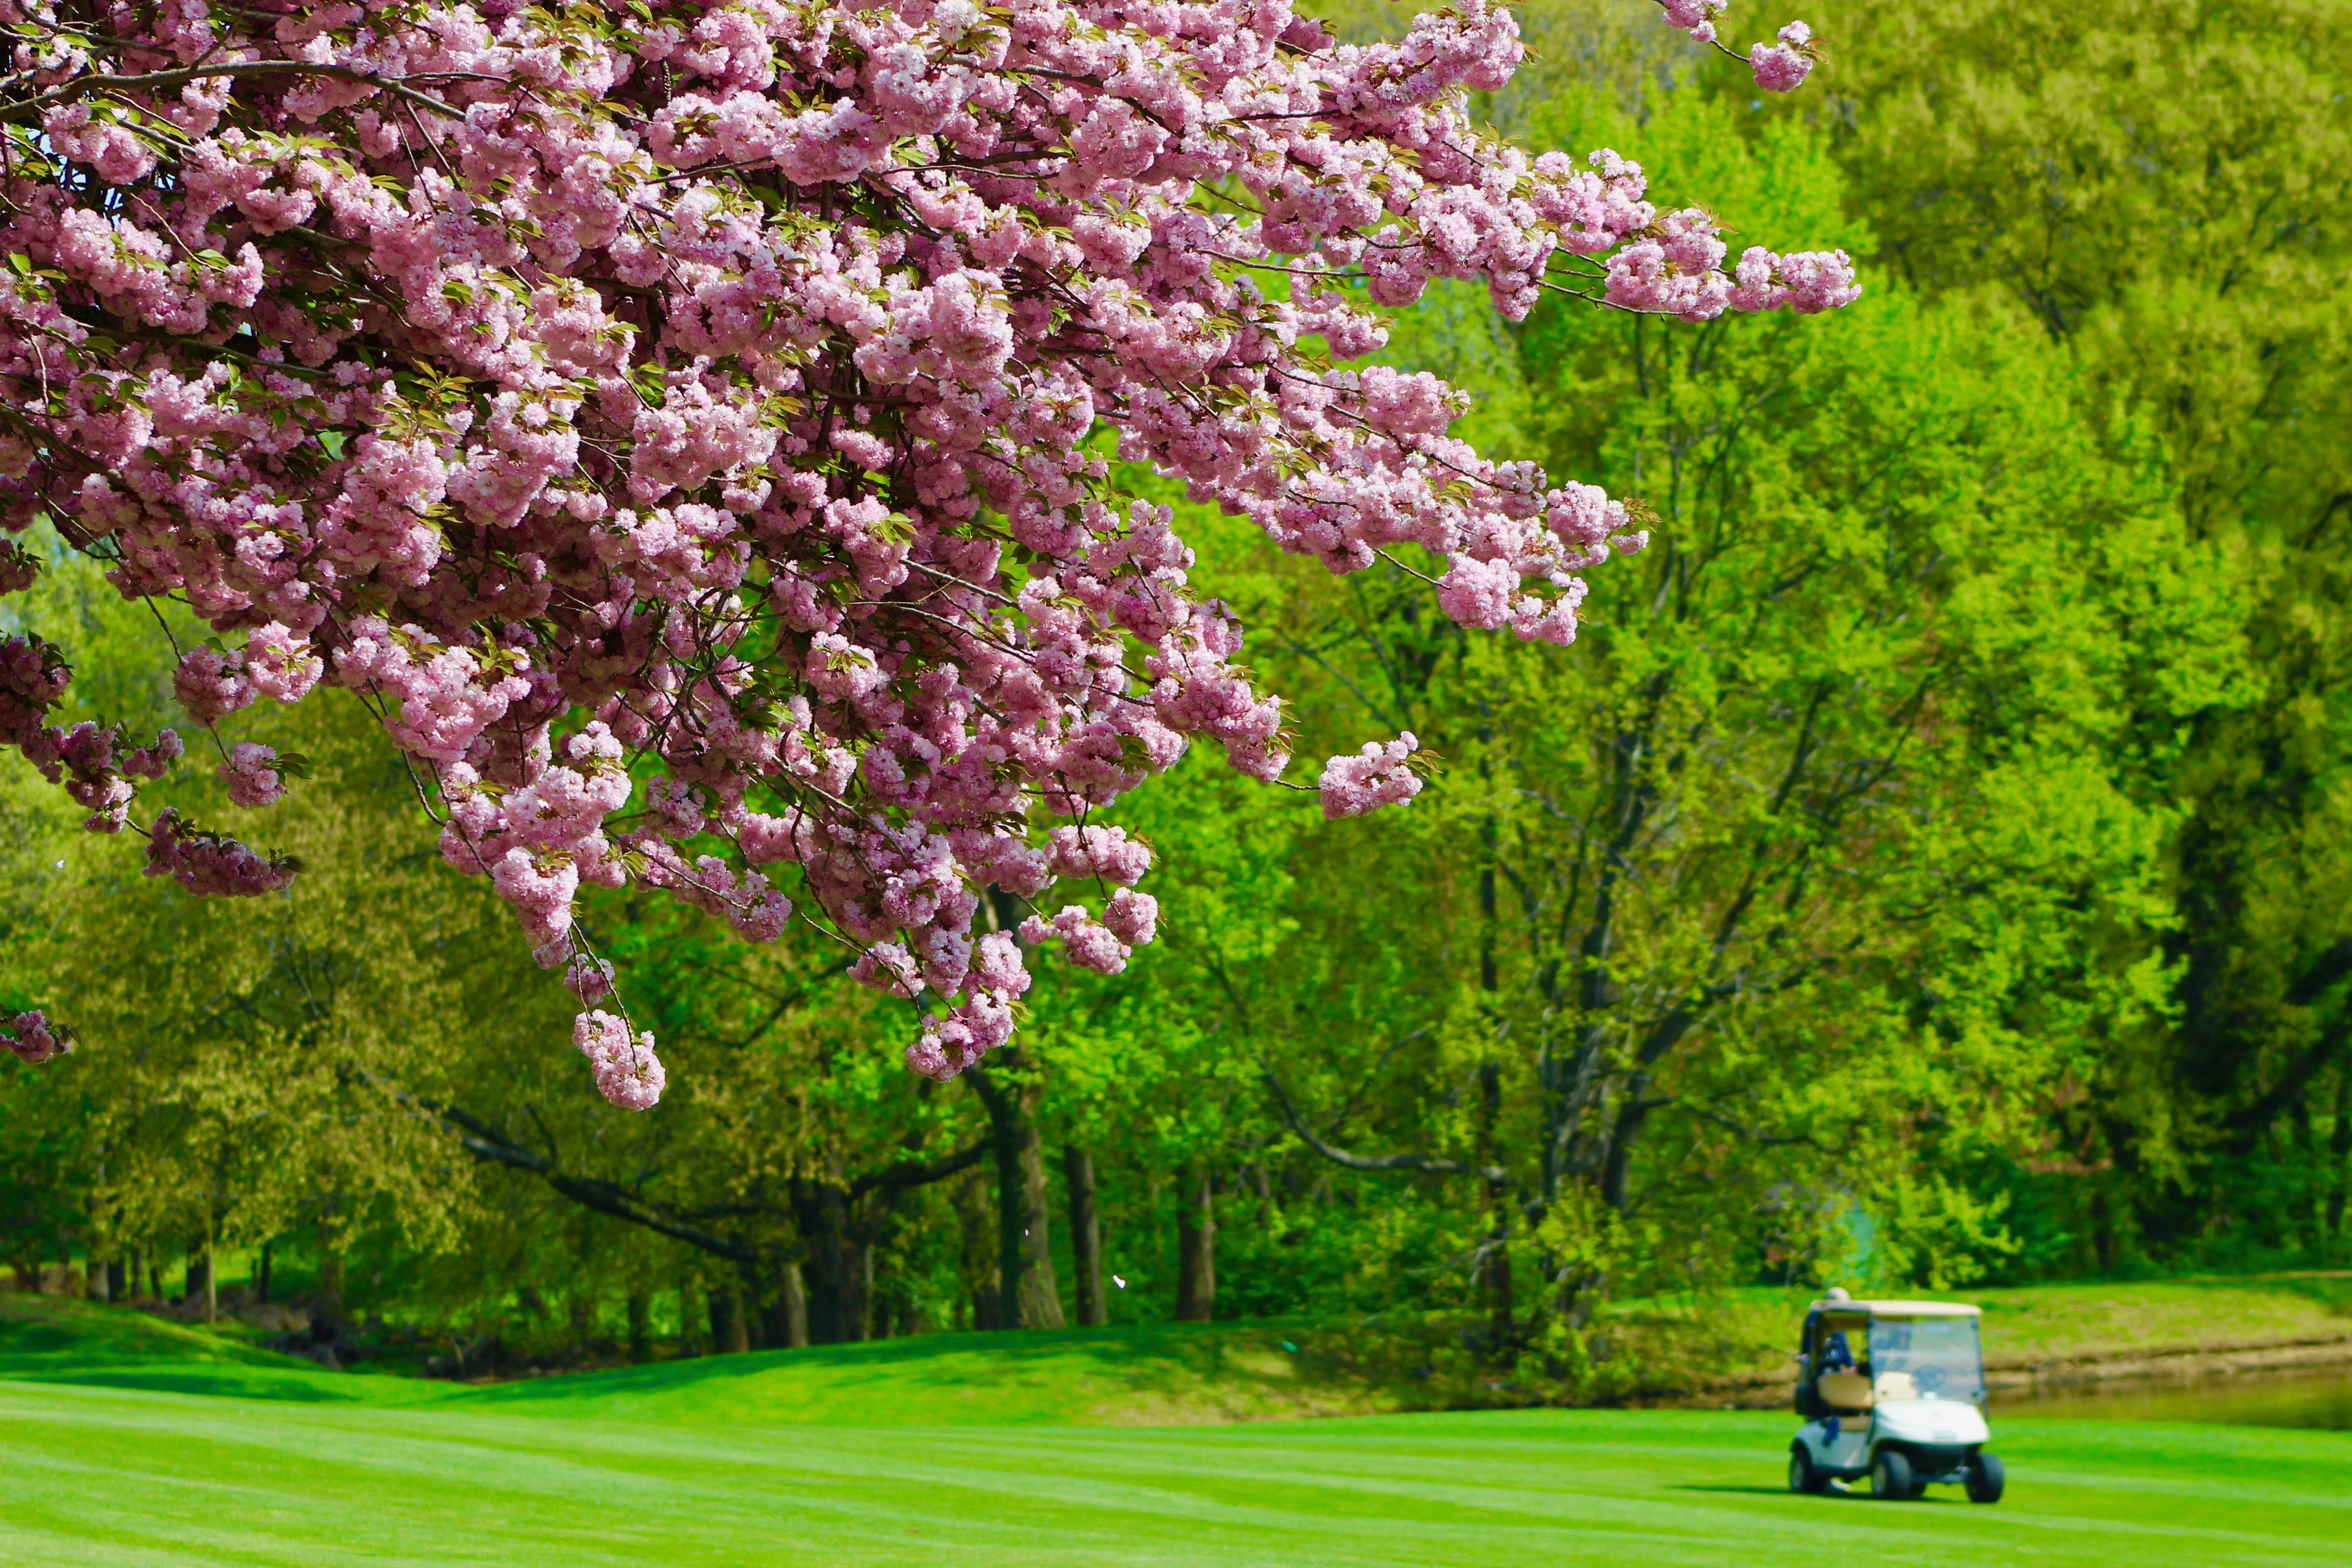 Summer Golf Blossom Cherry Blossom Summer Golf